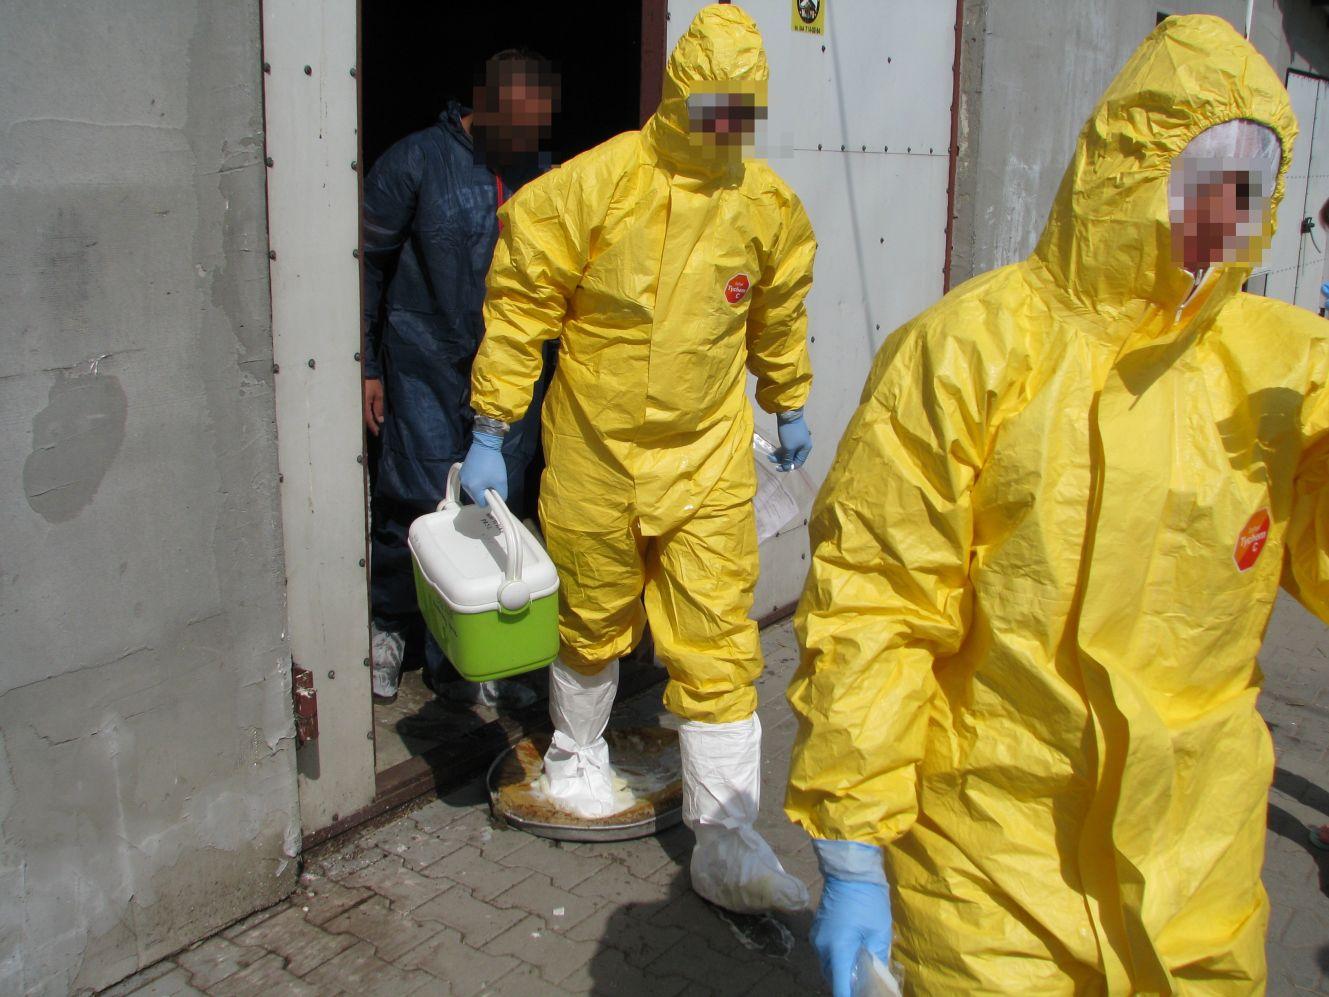 Ogniska ptasiej grypy w regionie. Kutnowskie służby reagują - Zdjęcie główne